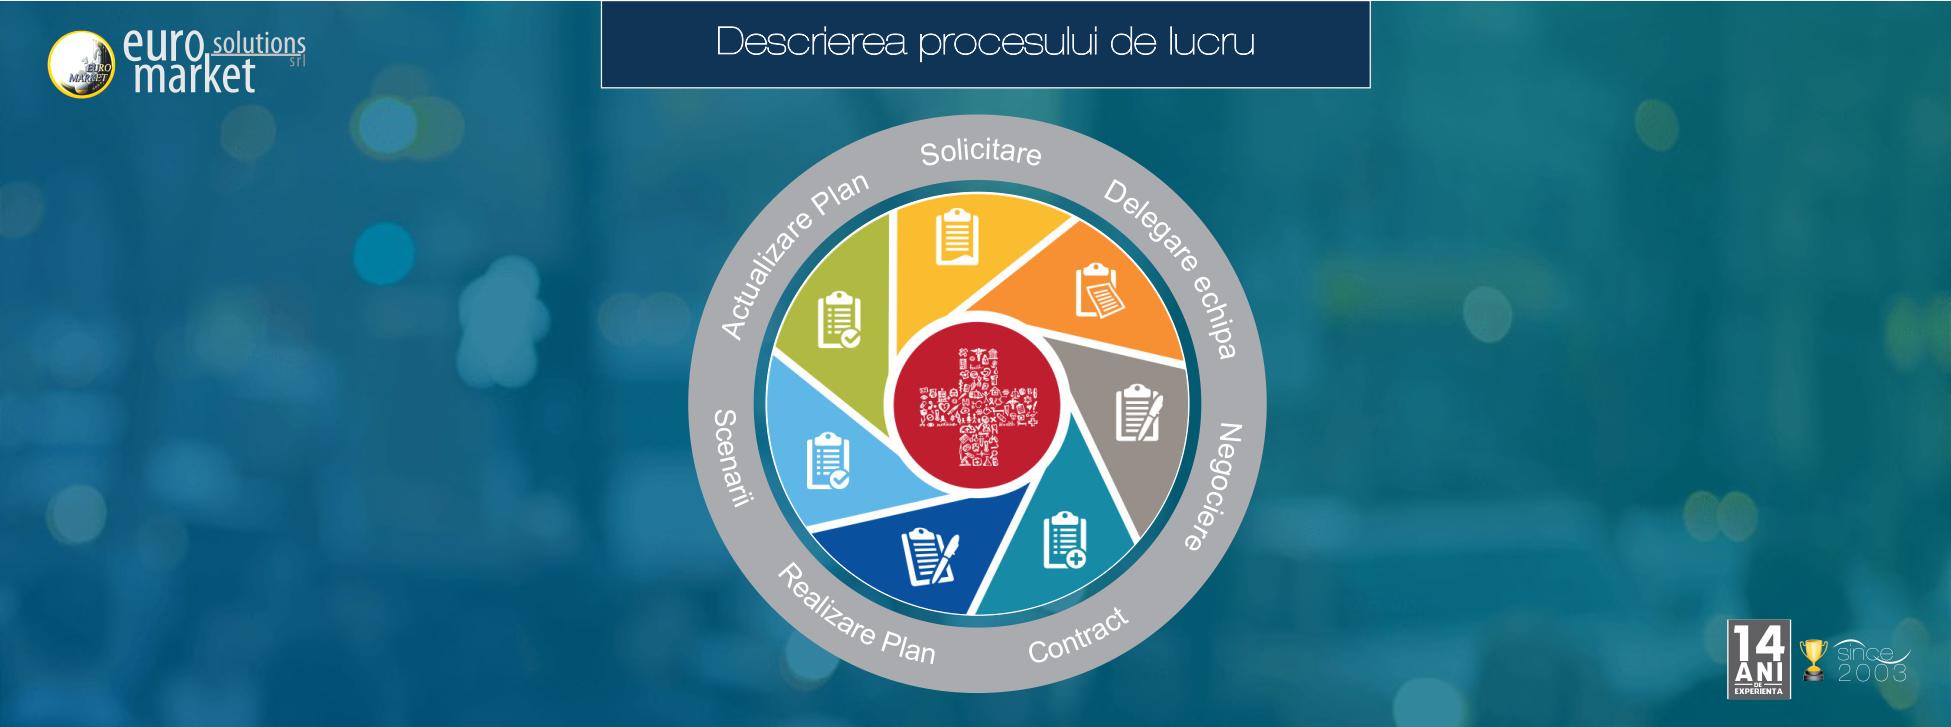 EuroMarket va poate ajuta in identificarea problemeleor si aliniera la prevederile prevazute de GDPR - Regulamentul pentru Protectia Datelor